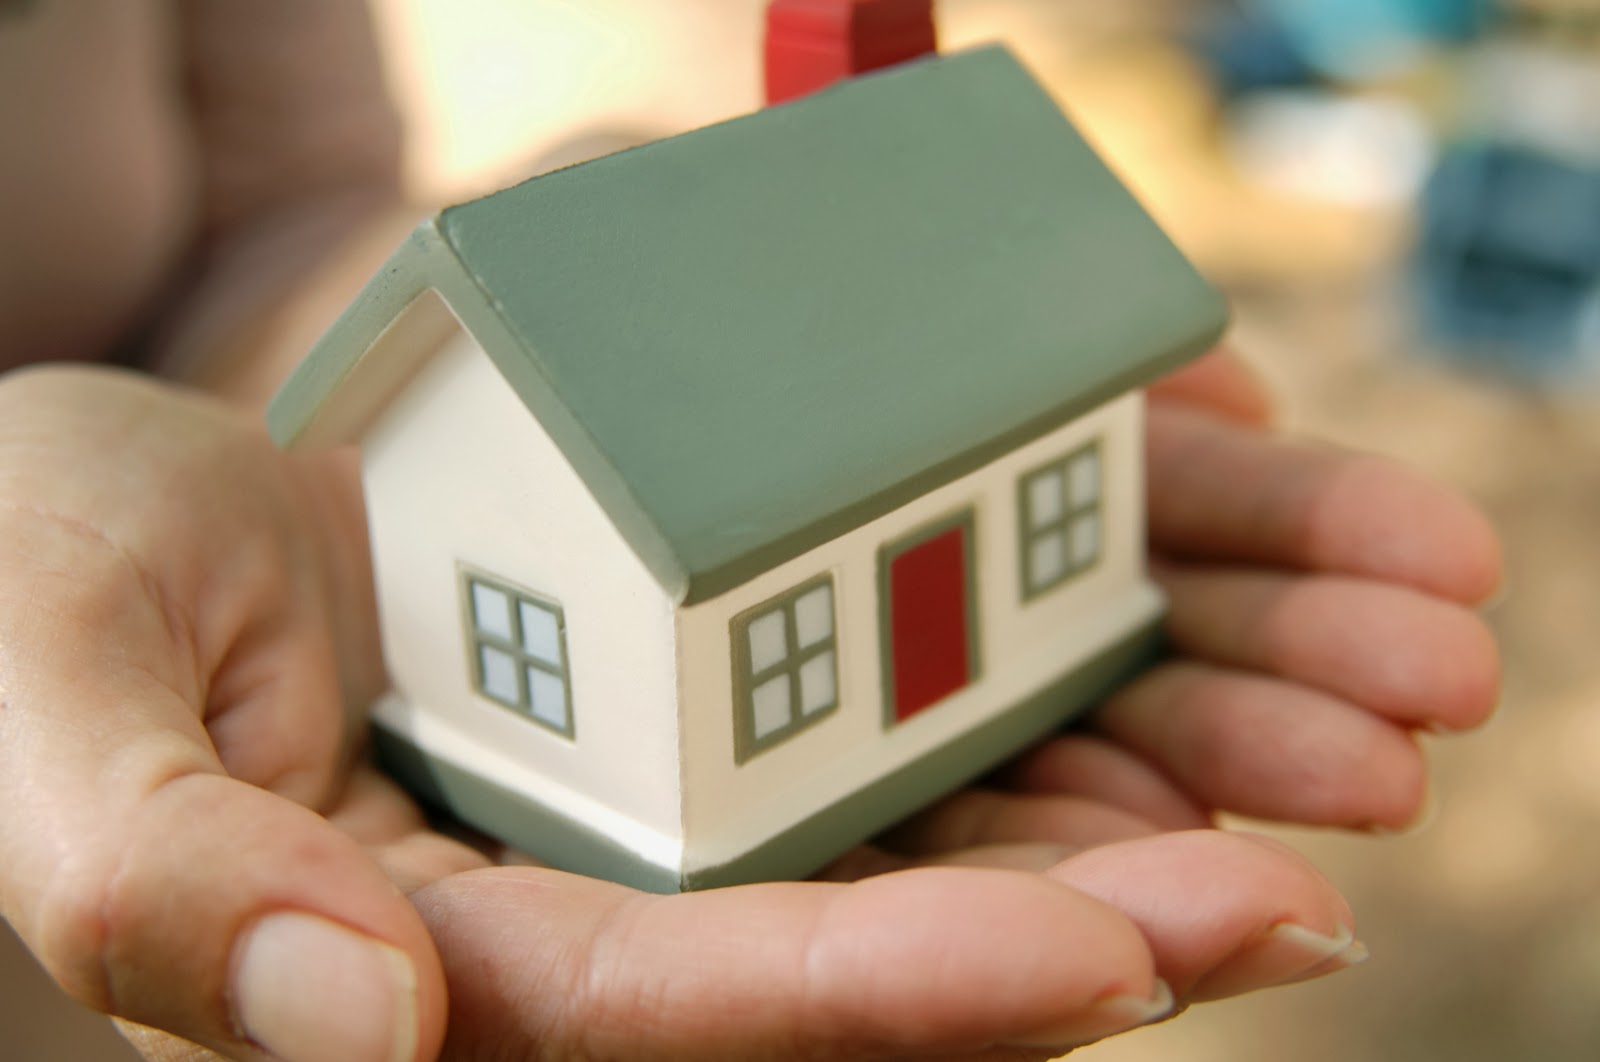 Como Comprar Casa Nueva: Comprar Casas Nuevas - Qué debes buscar